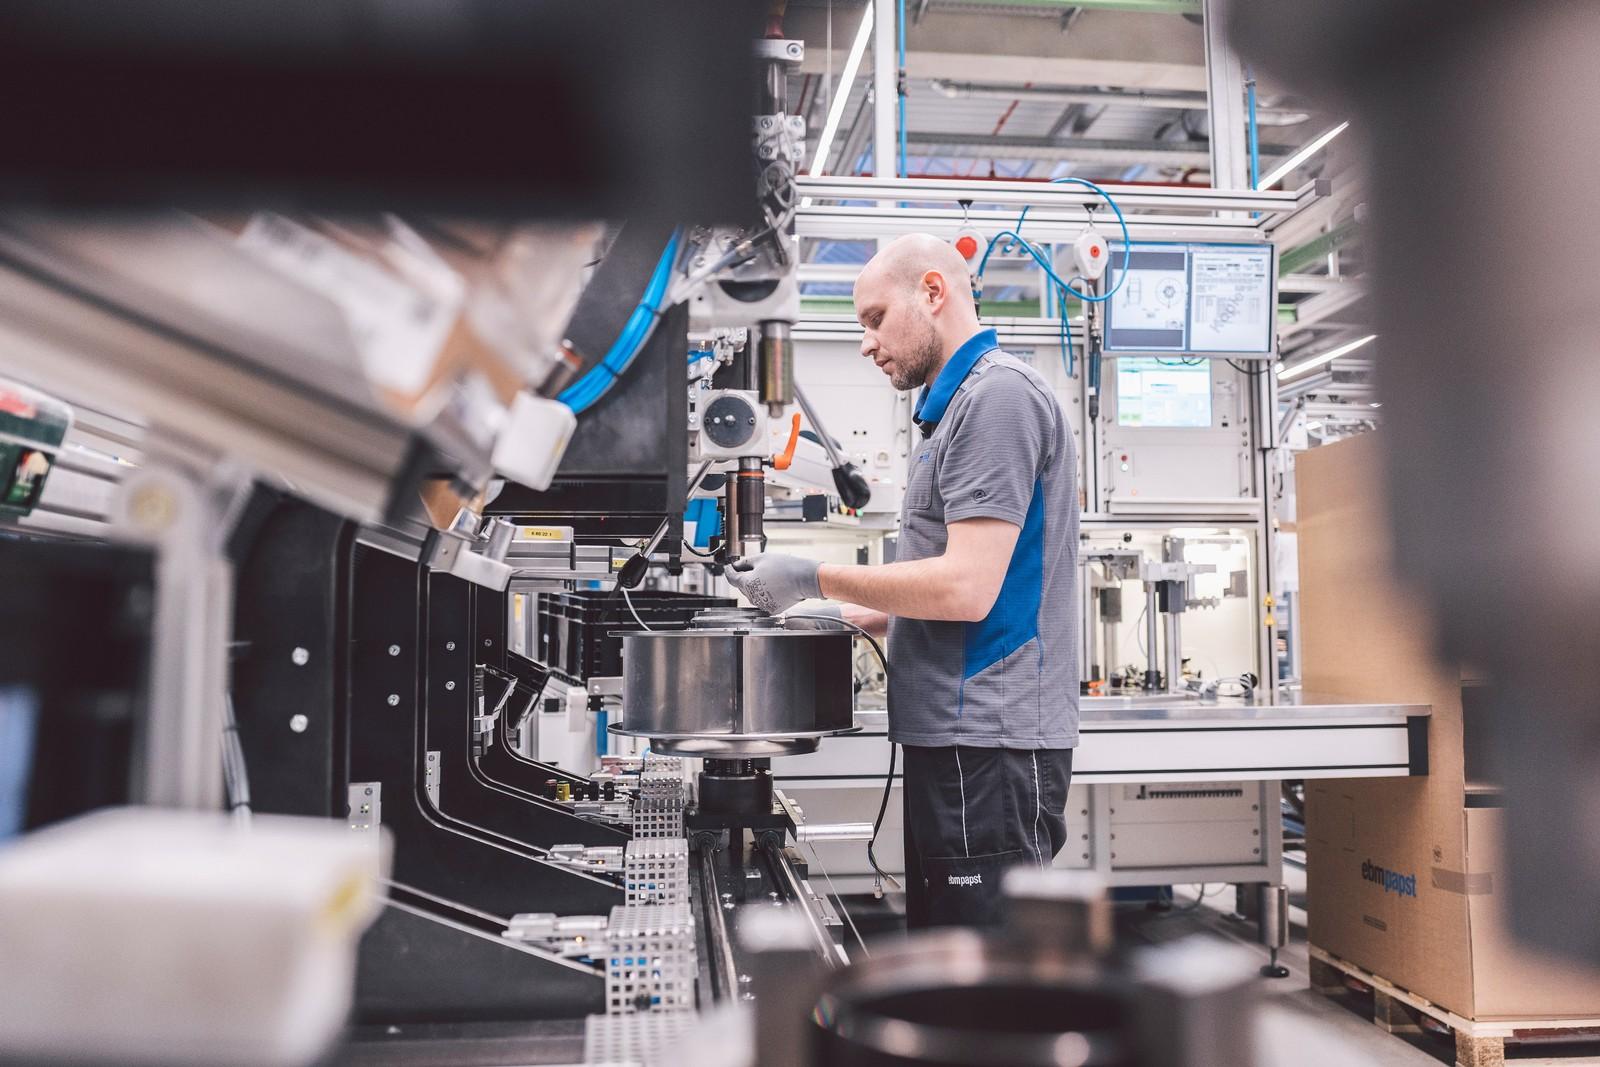 """Ebm-Papst treibt Internationalisierung voran: Der Technologieführer von Ventilatoren und Motoren wächst um 6,7%; die Strategie """"one ebm-papst"""" trägt Früchte."""